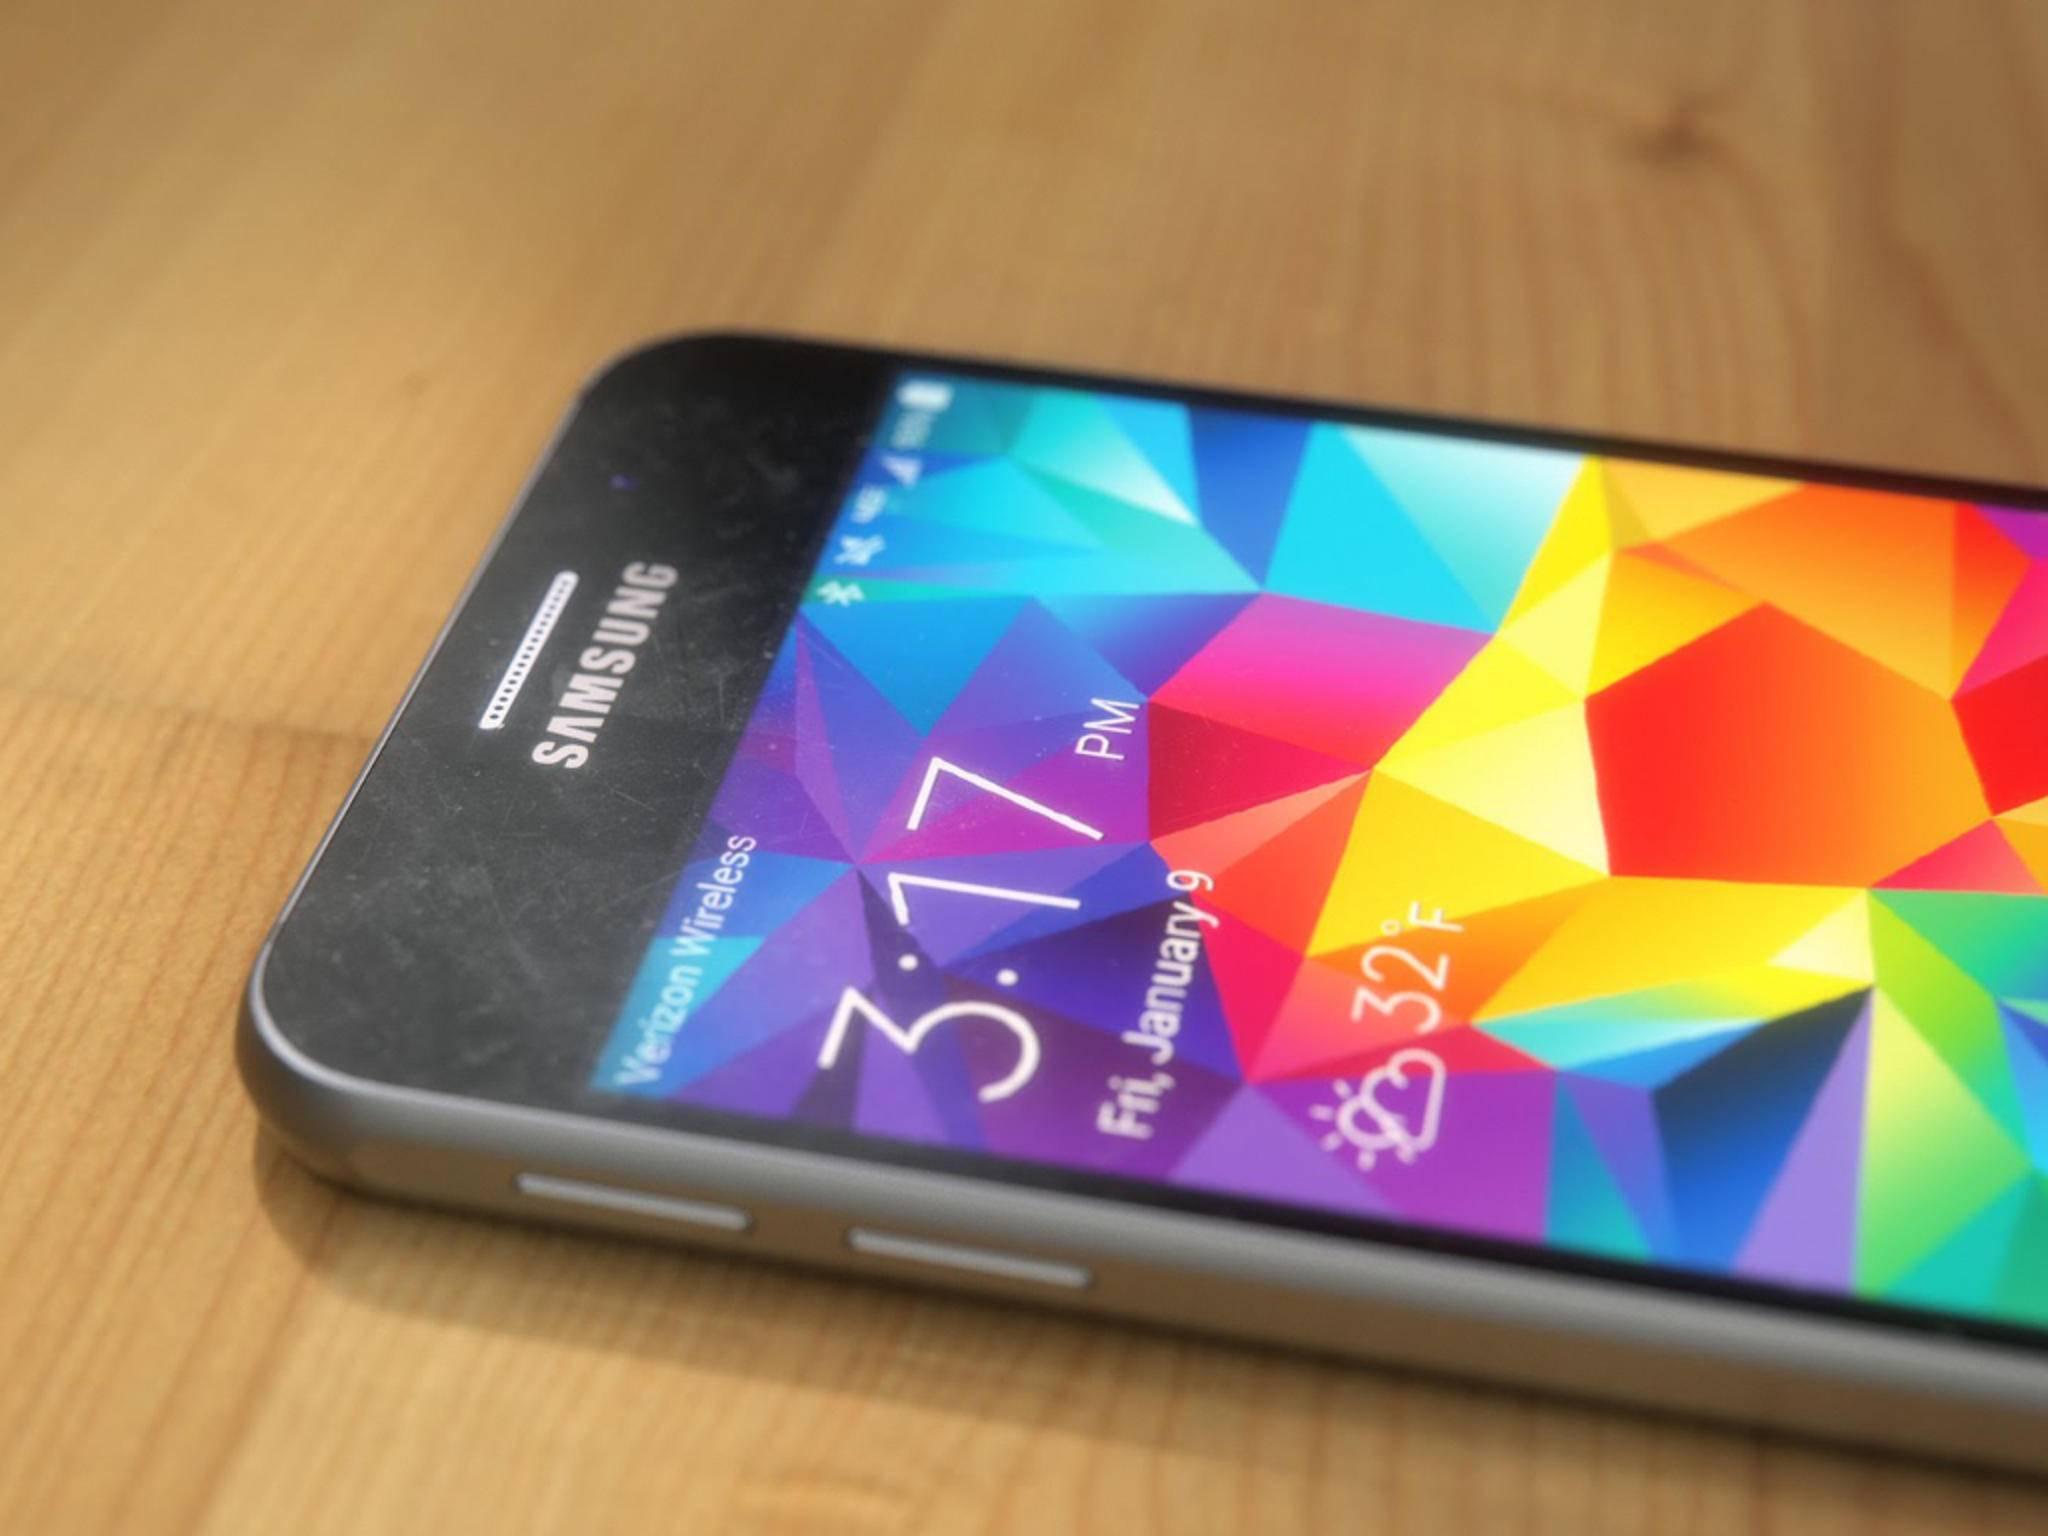 Der Akku des Galaxy S6 soll kleiner als beim Vorgänger sein.